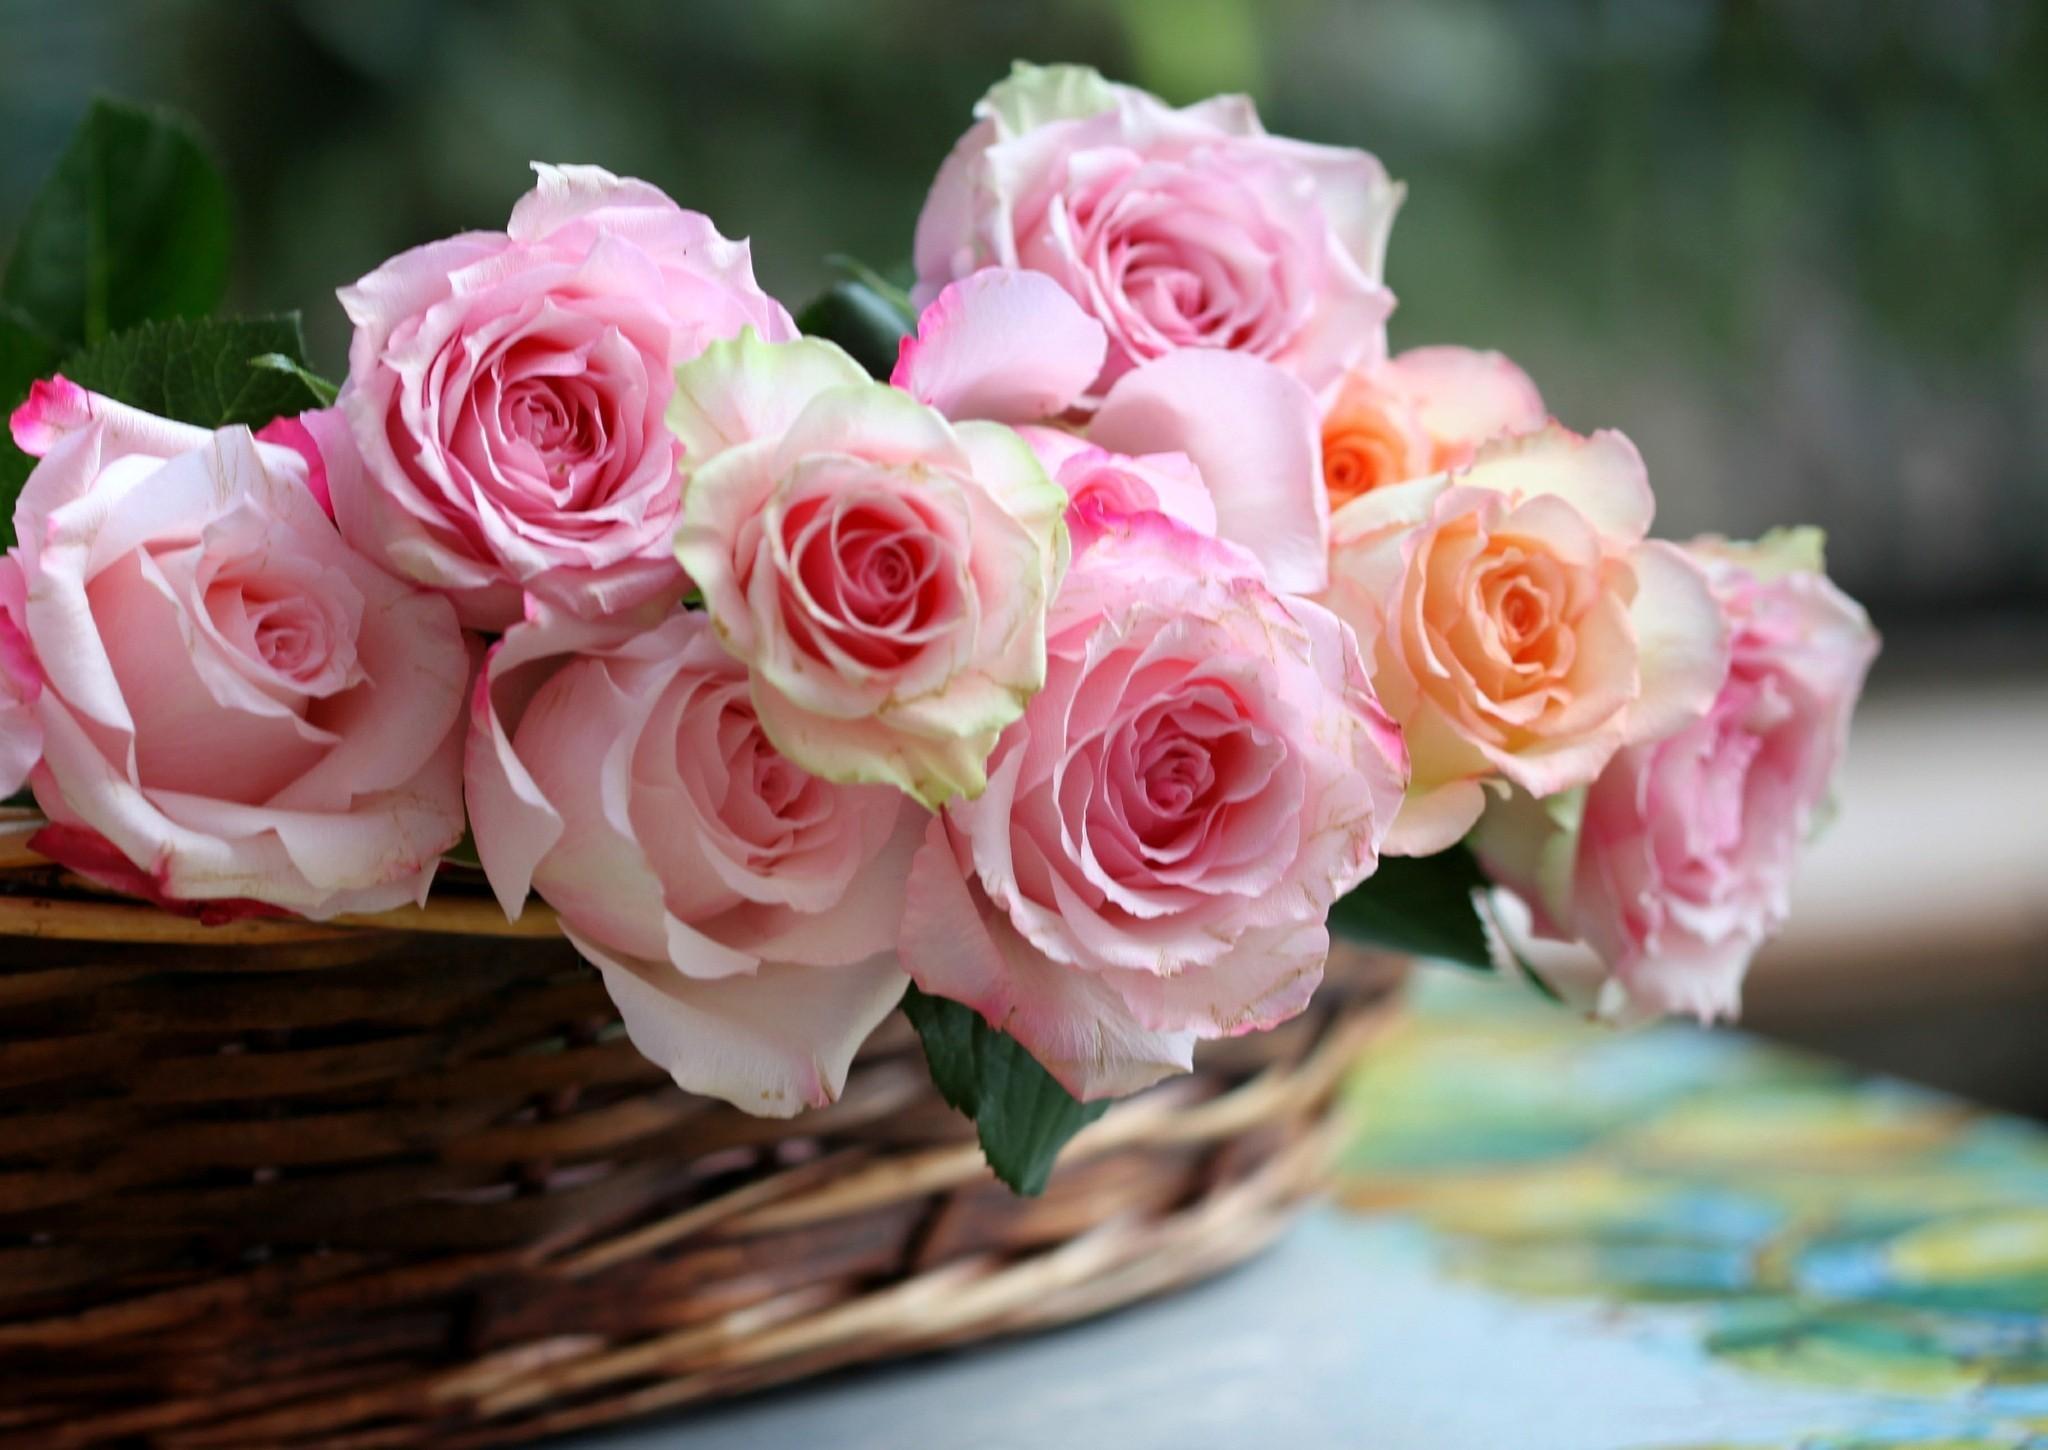 букет цветов в картинках роз на рабочем столе отеле очень большая